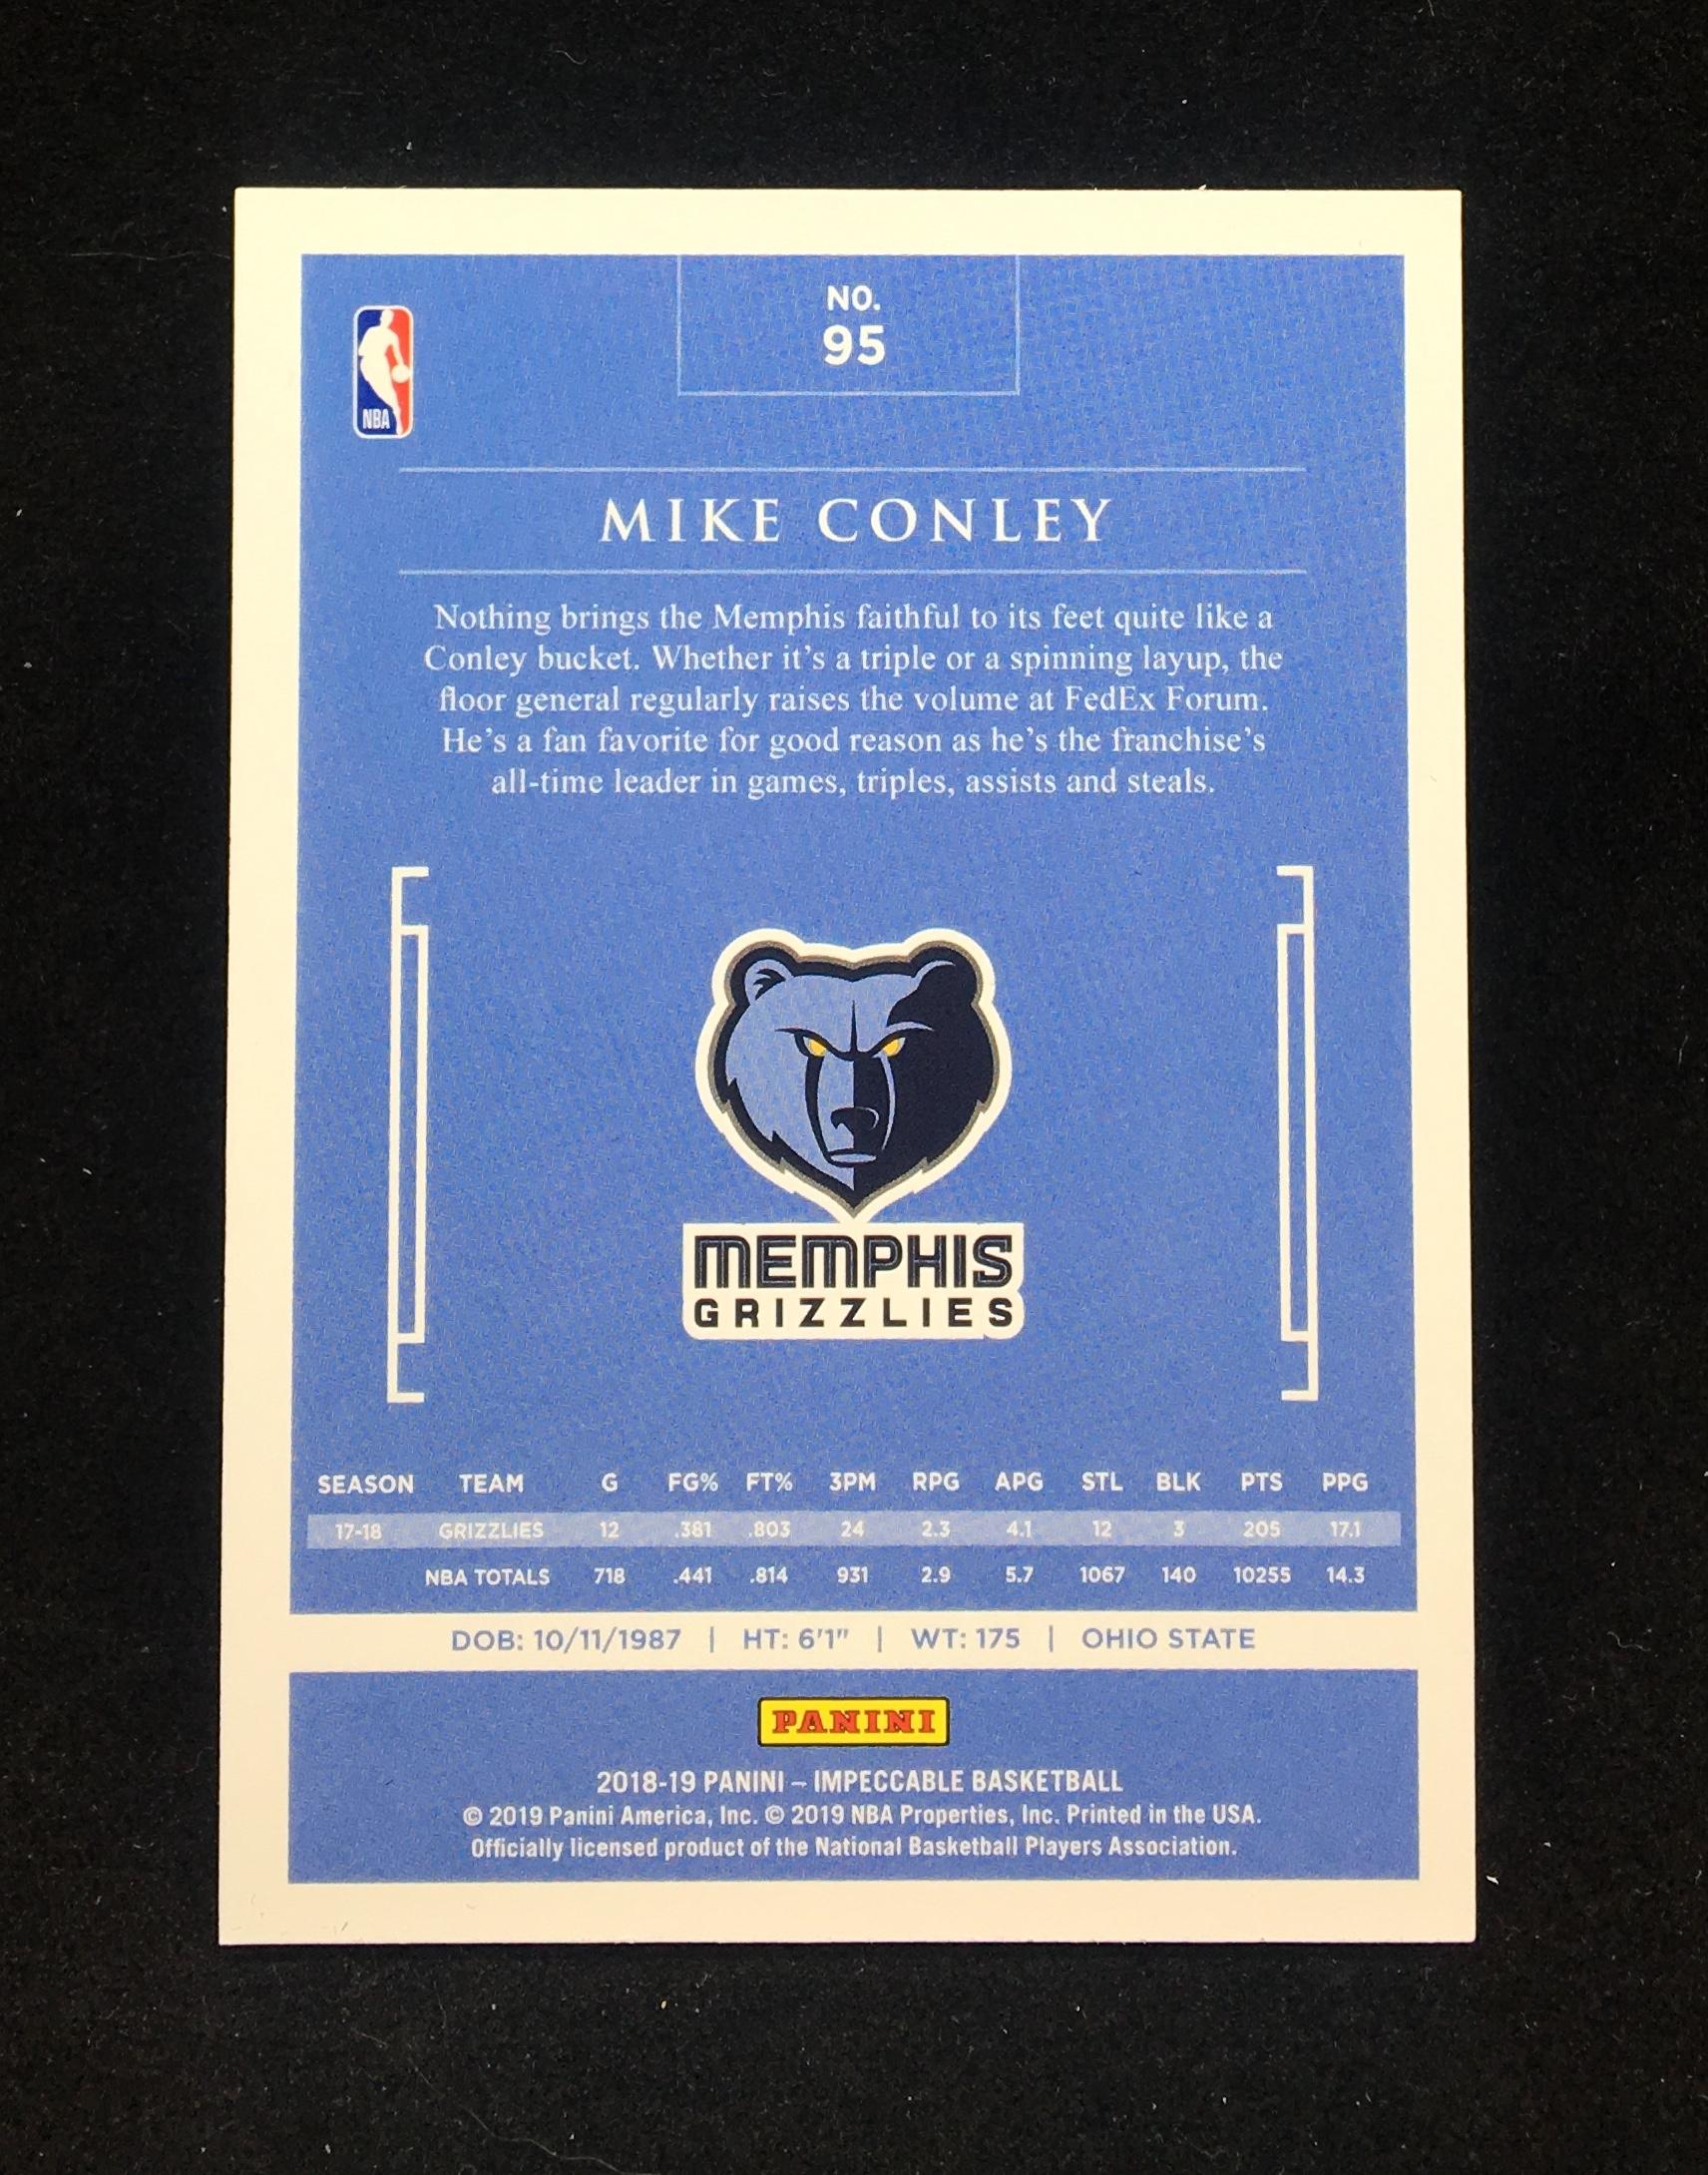 【小餅星卡】邁克 康利 MIKE CONLEY 2018-19 小真金白銀系列 IMPECCABLE 限量25編 高端系列 卡材質厚實 BASE KA499